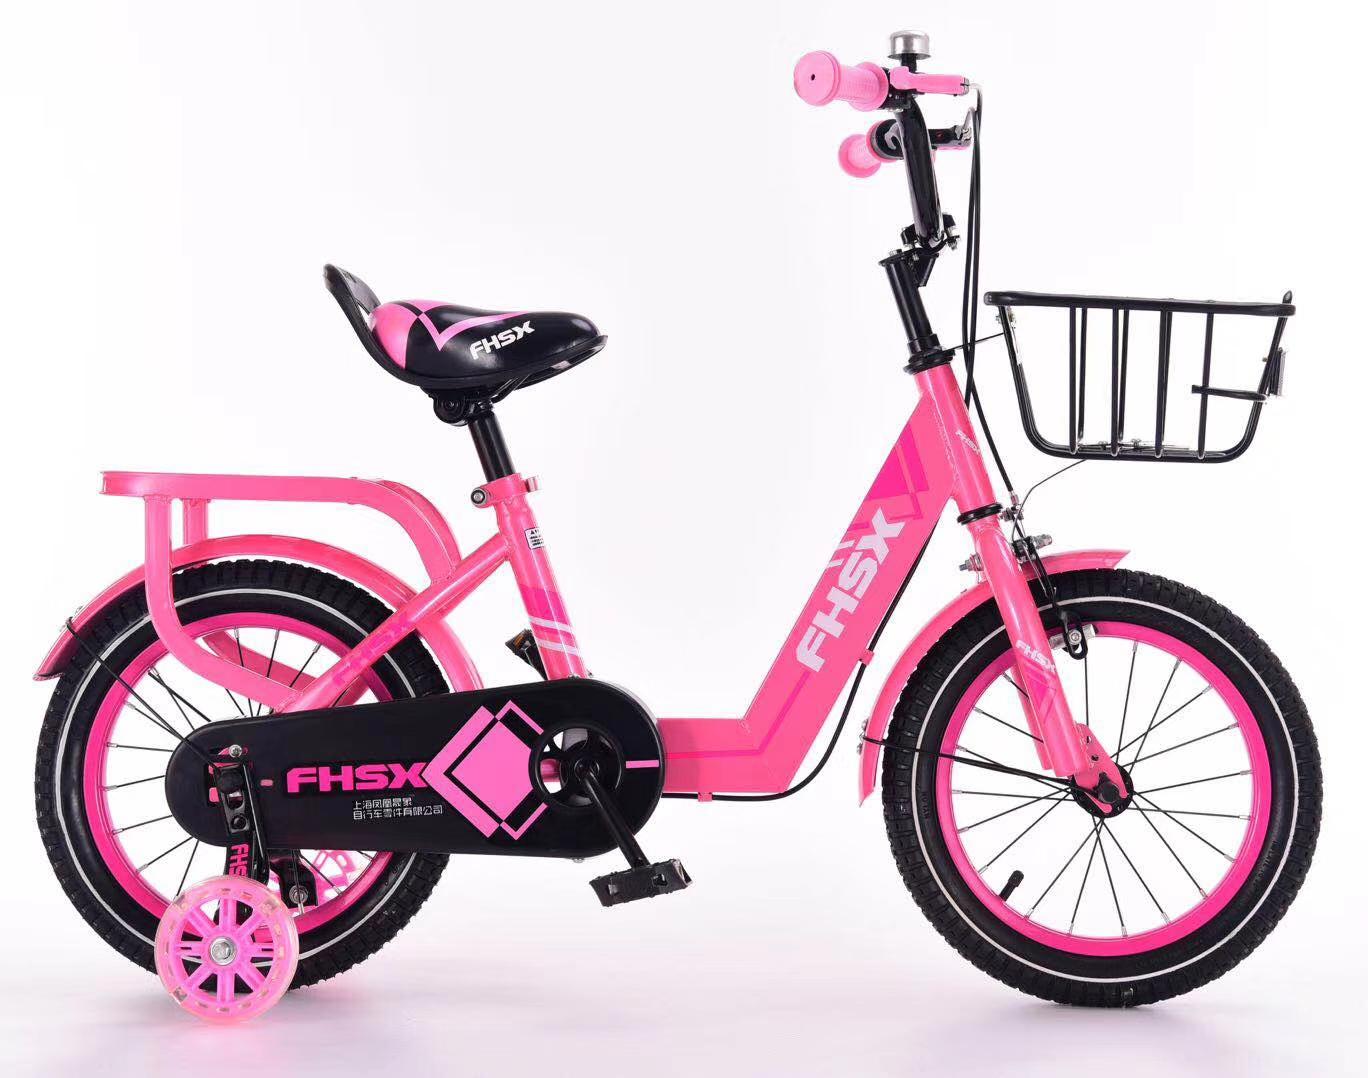 Bán buôn trẻ em xe đạp cho 3 5 năm tuổi với hình ảnh đẹp của